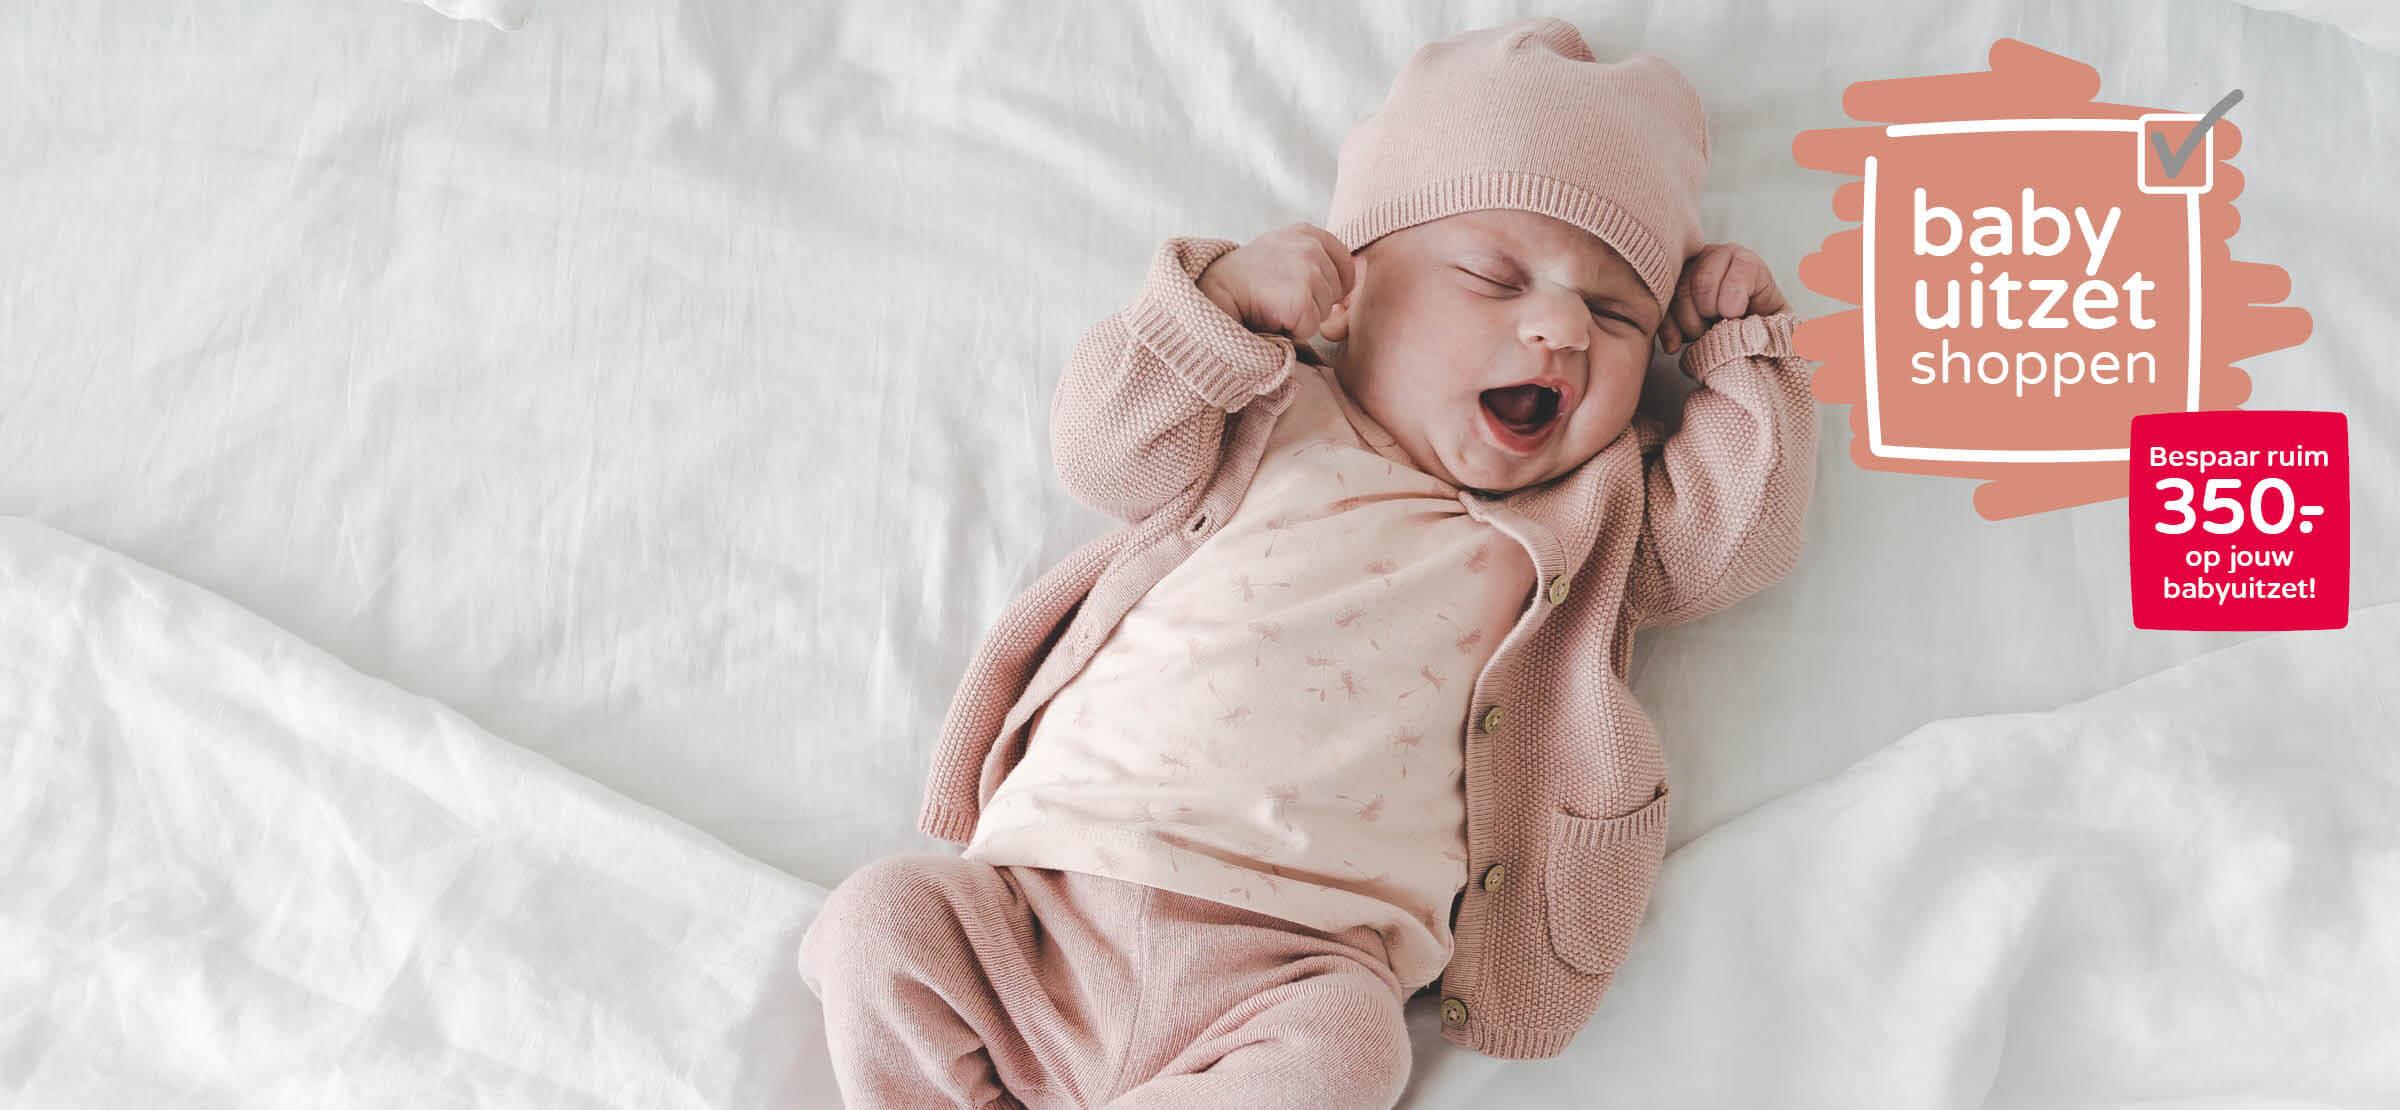 f96869d01a5 Prenatal.nl - Prénatal webshop - De specialist in babyartikelen